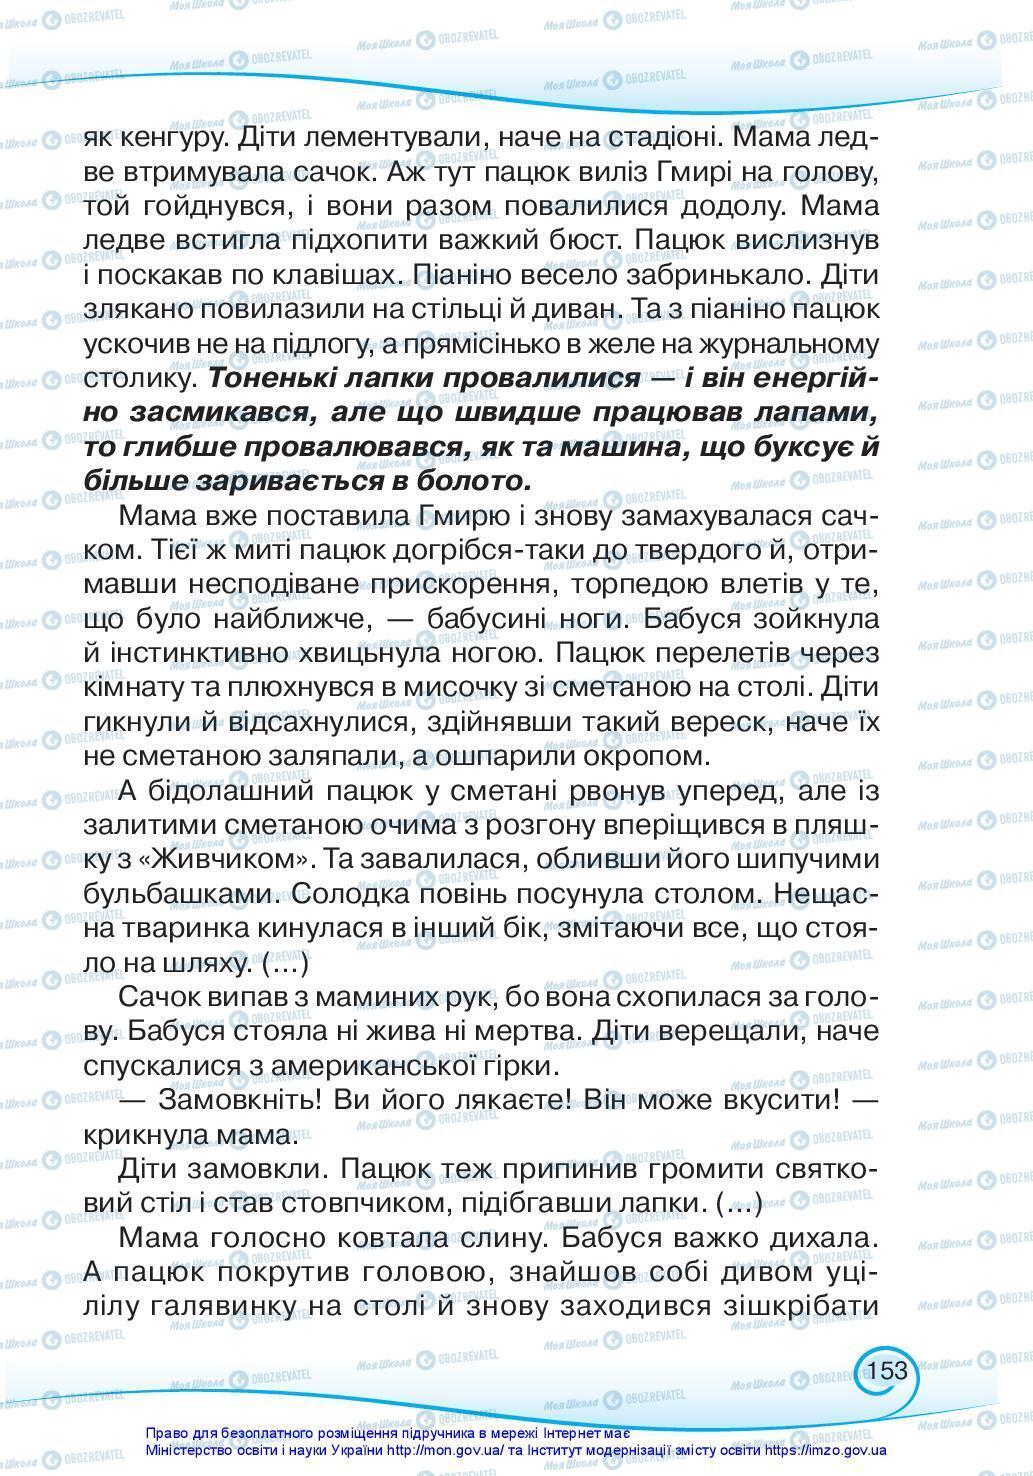 Підручники Українська мова 3 клас сторінка 153